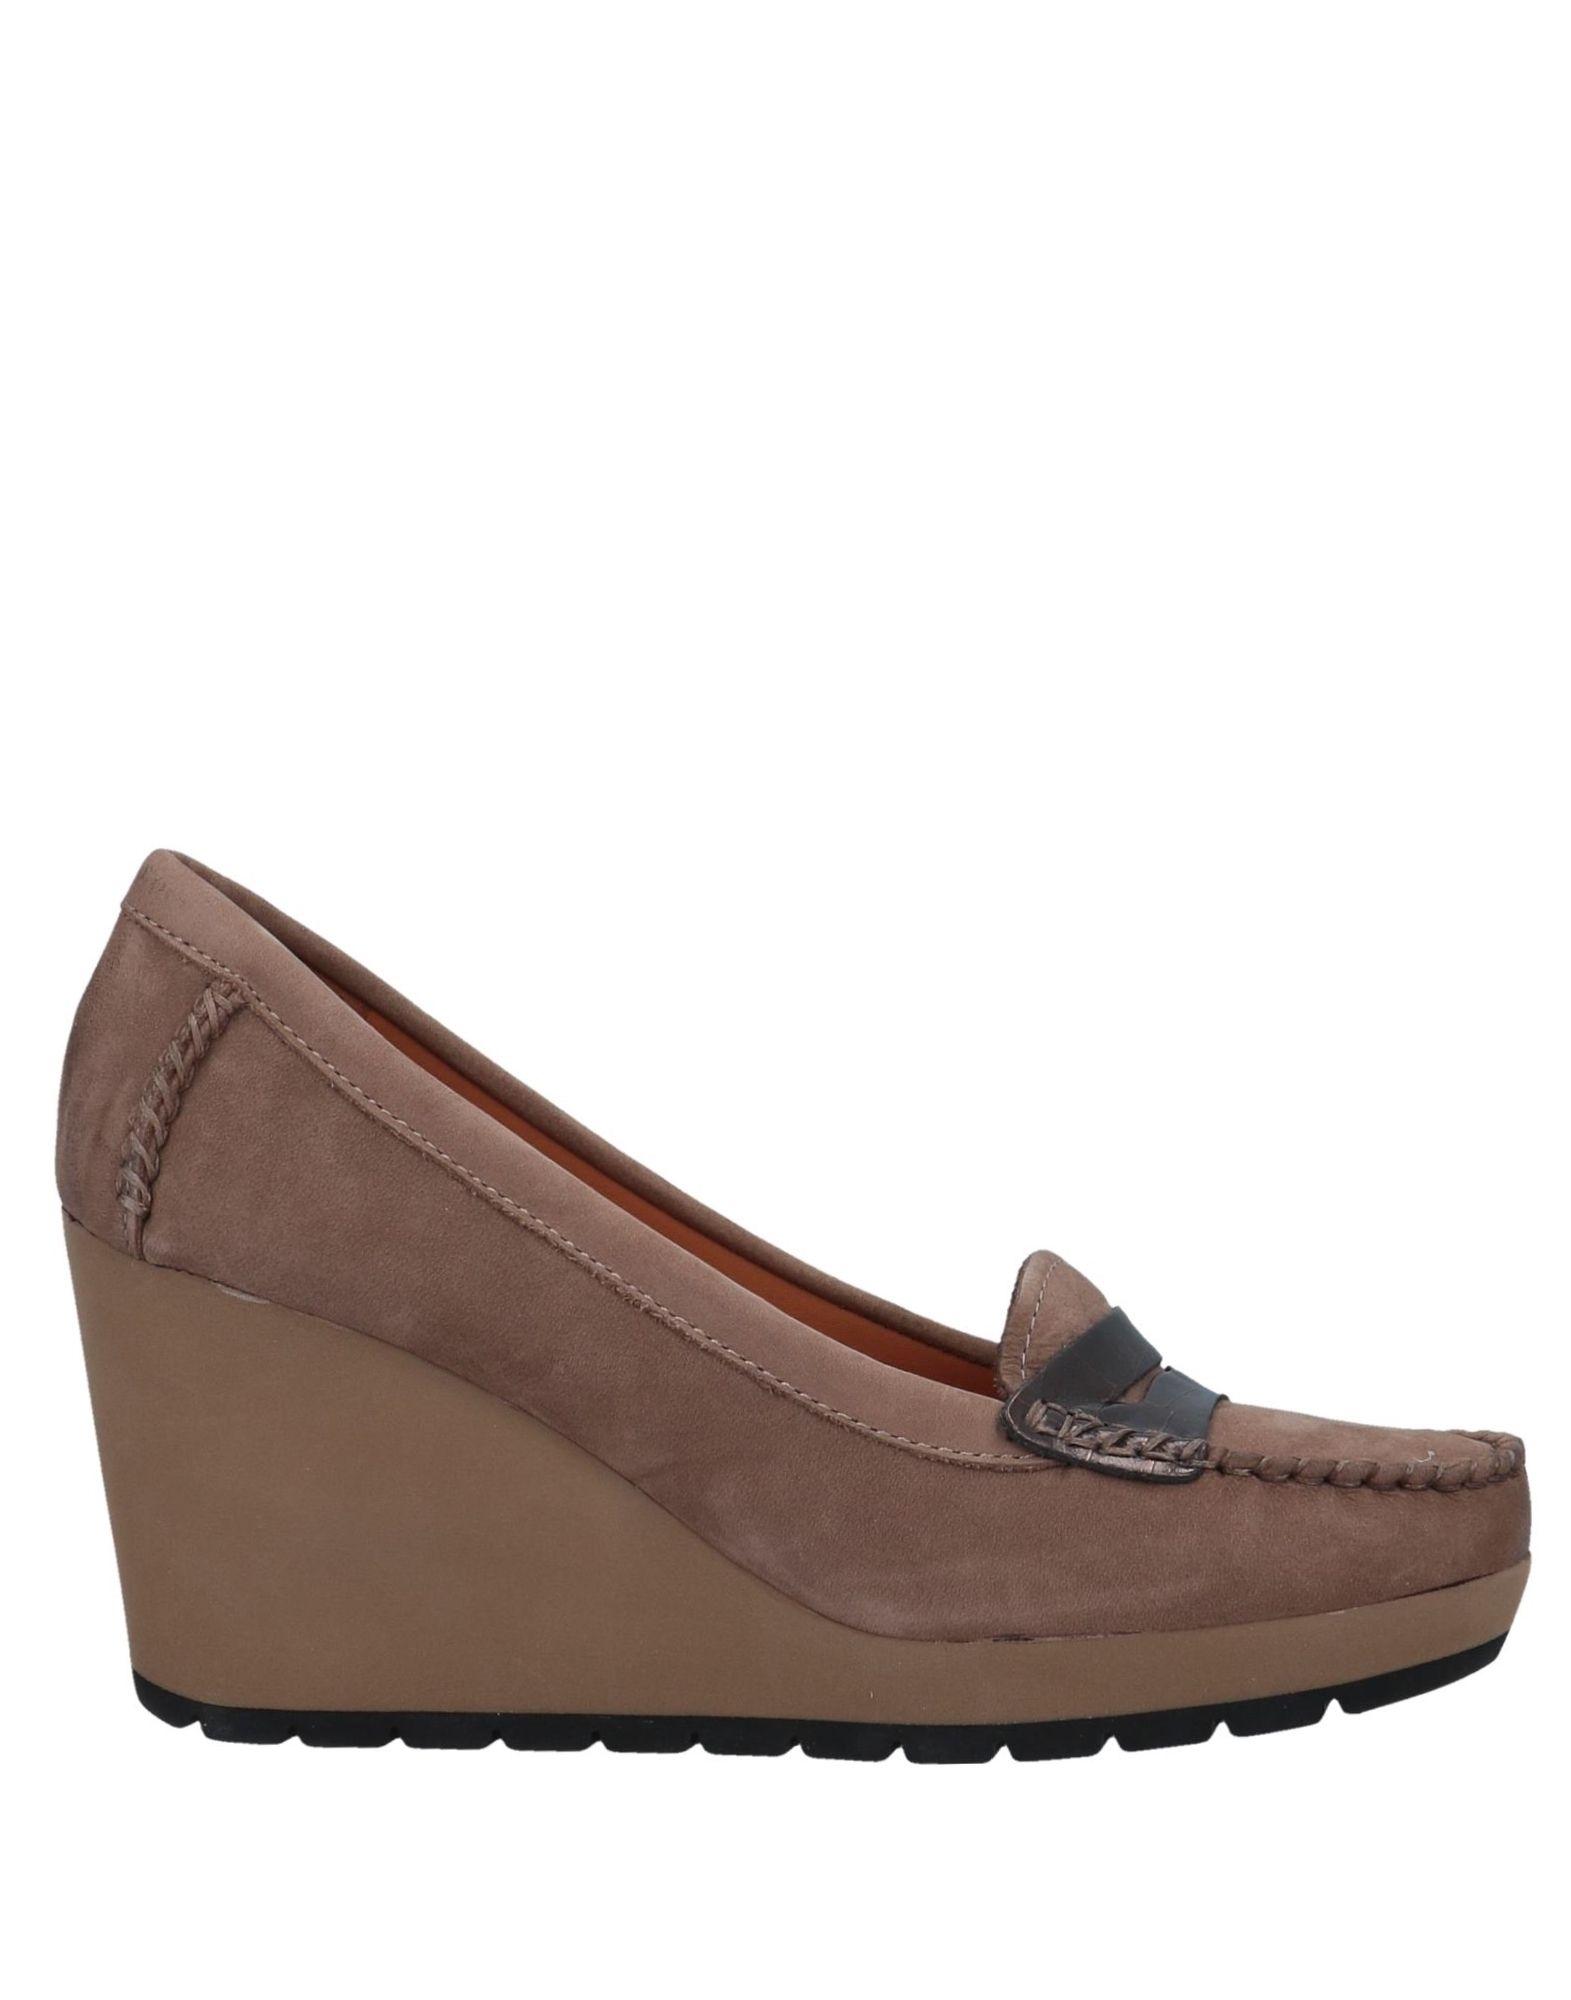 Geox Mokassins Damen  11553235ET Gute Qualität beliebte Schuhe